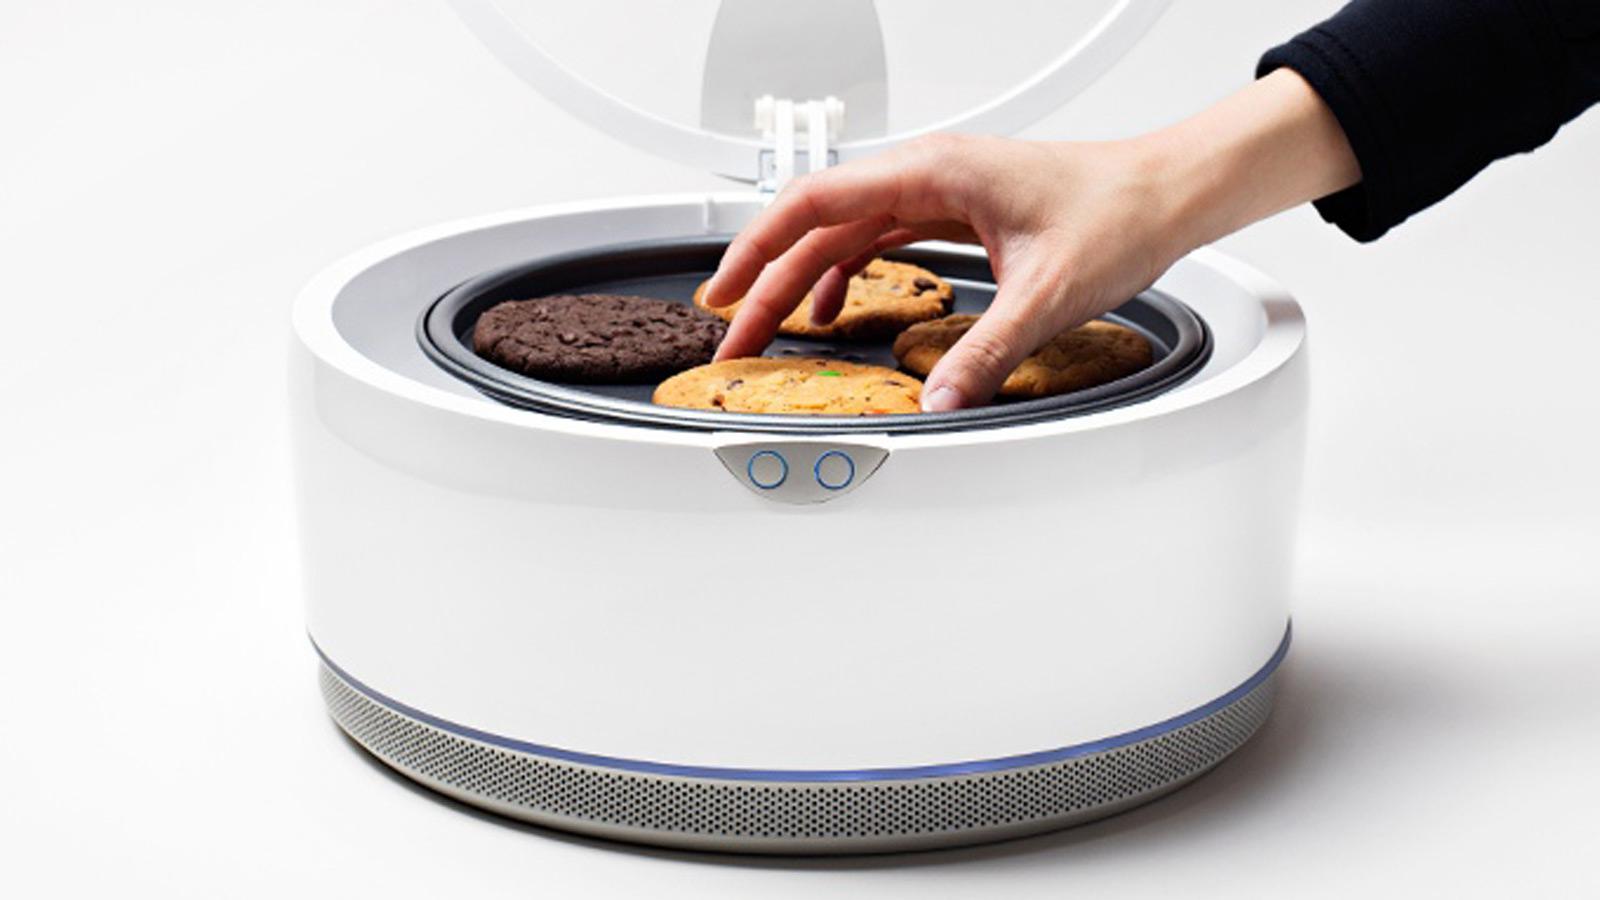 Kekse aus dem Smart Home-Backofen